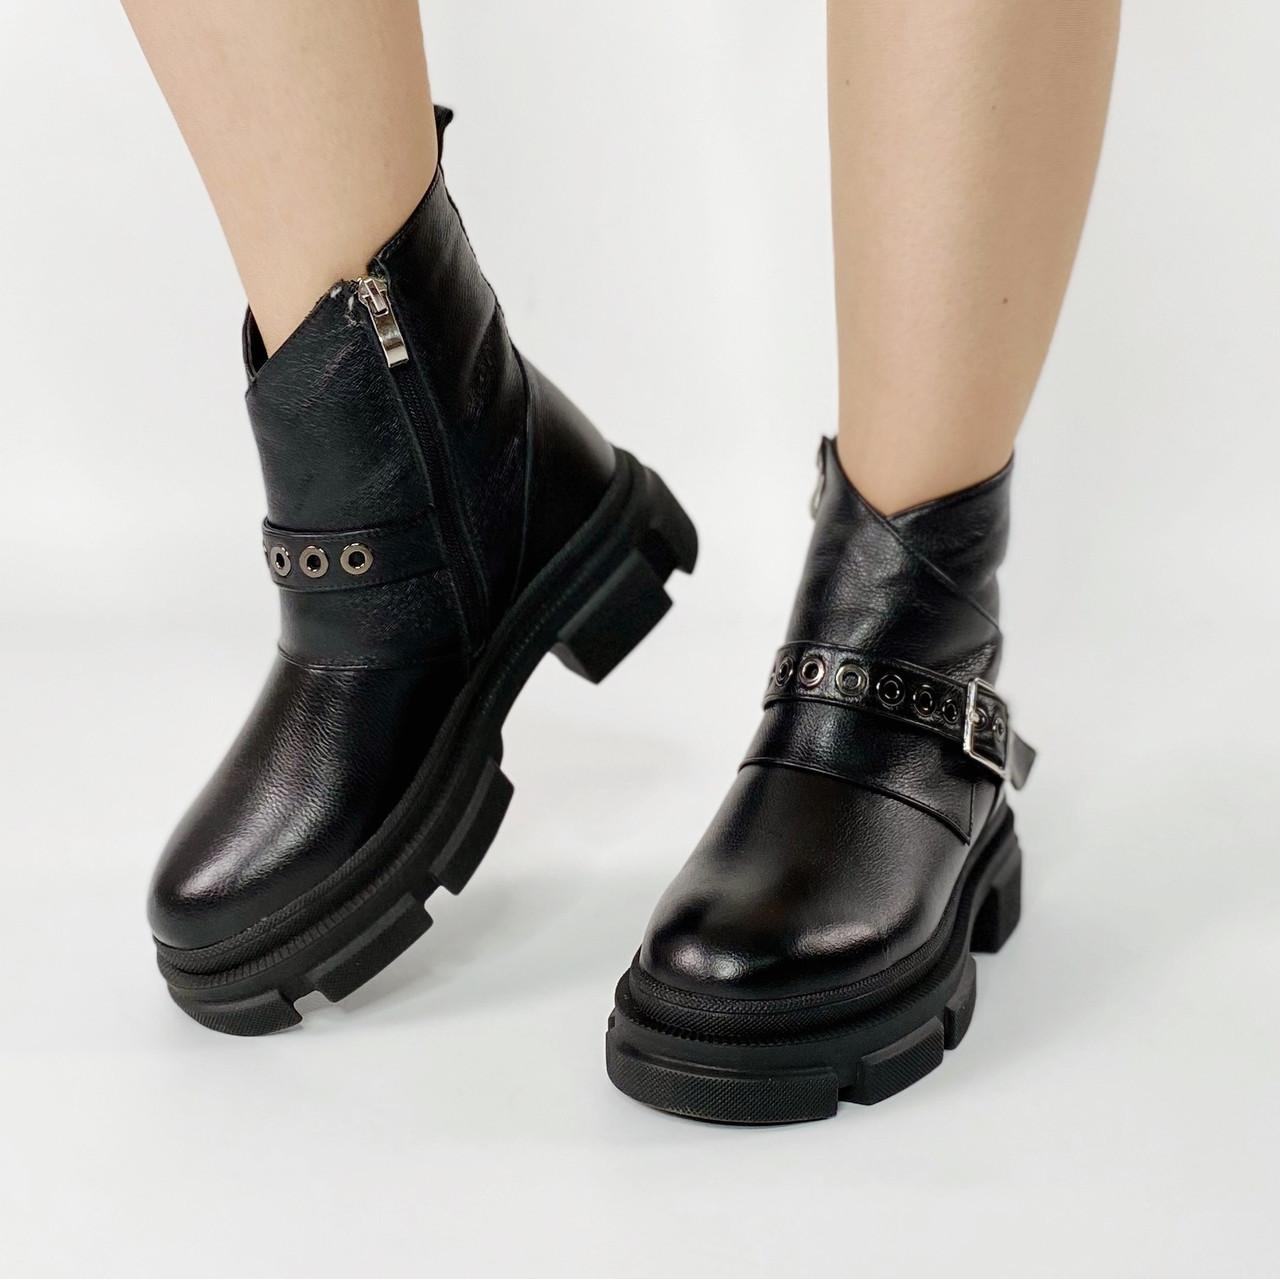 Ботинки женские кожаные черные с ярким ремешком MORENTO зимние